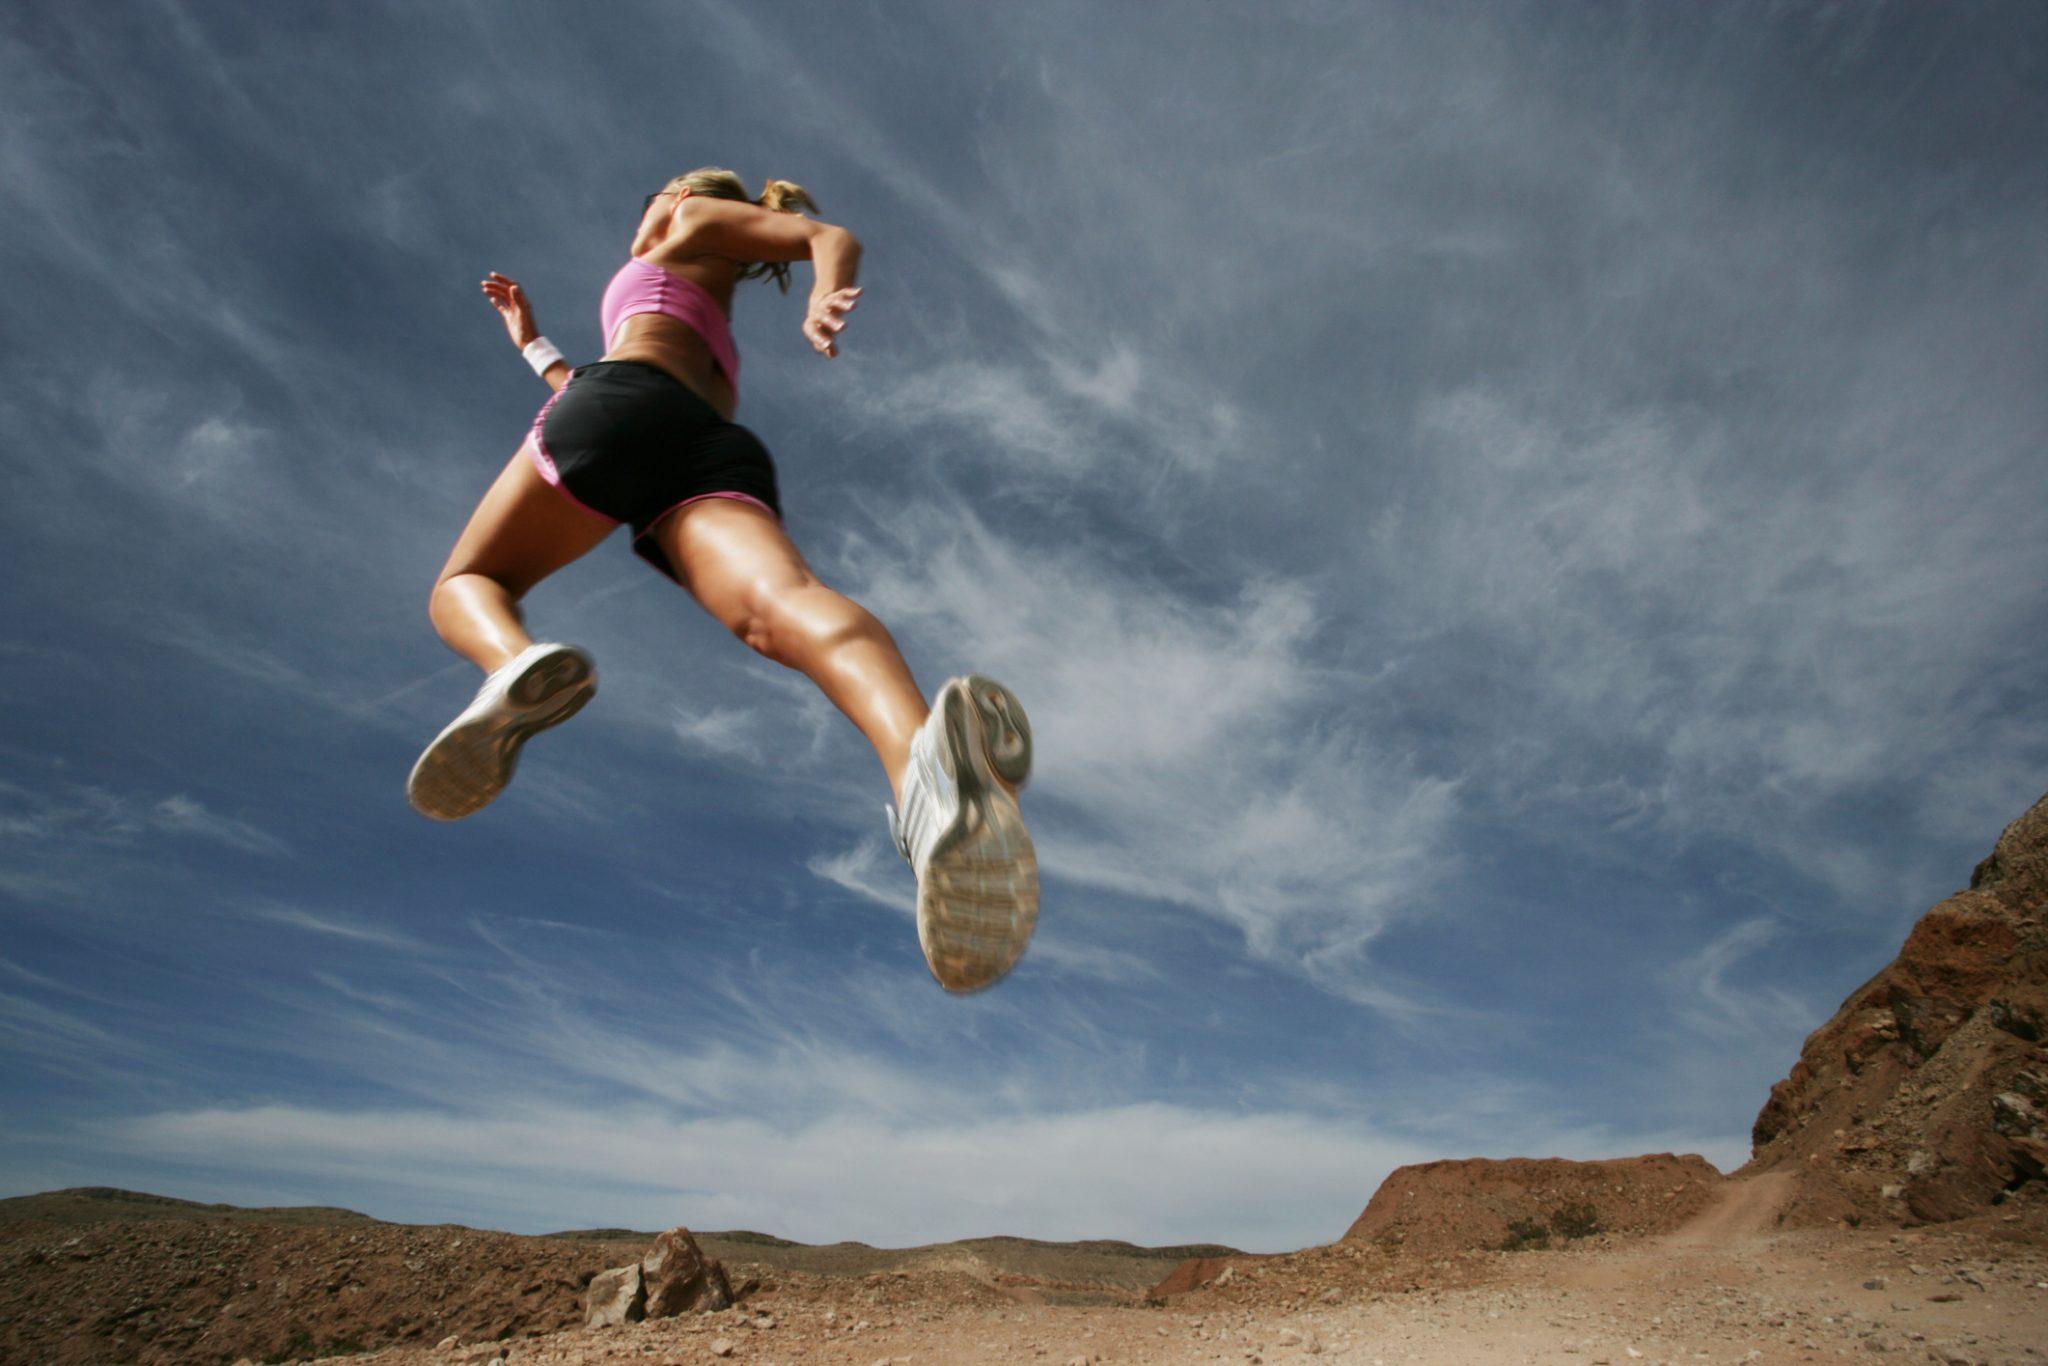 Scegliere il migliore abbigliamento per correre in maniera confortevole